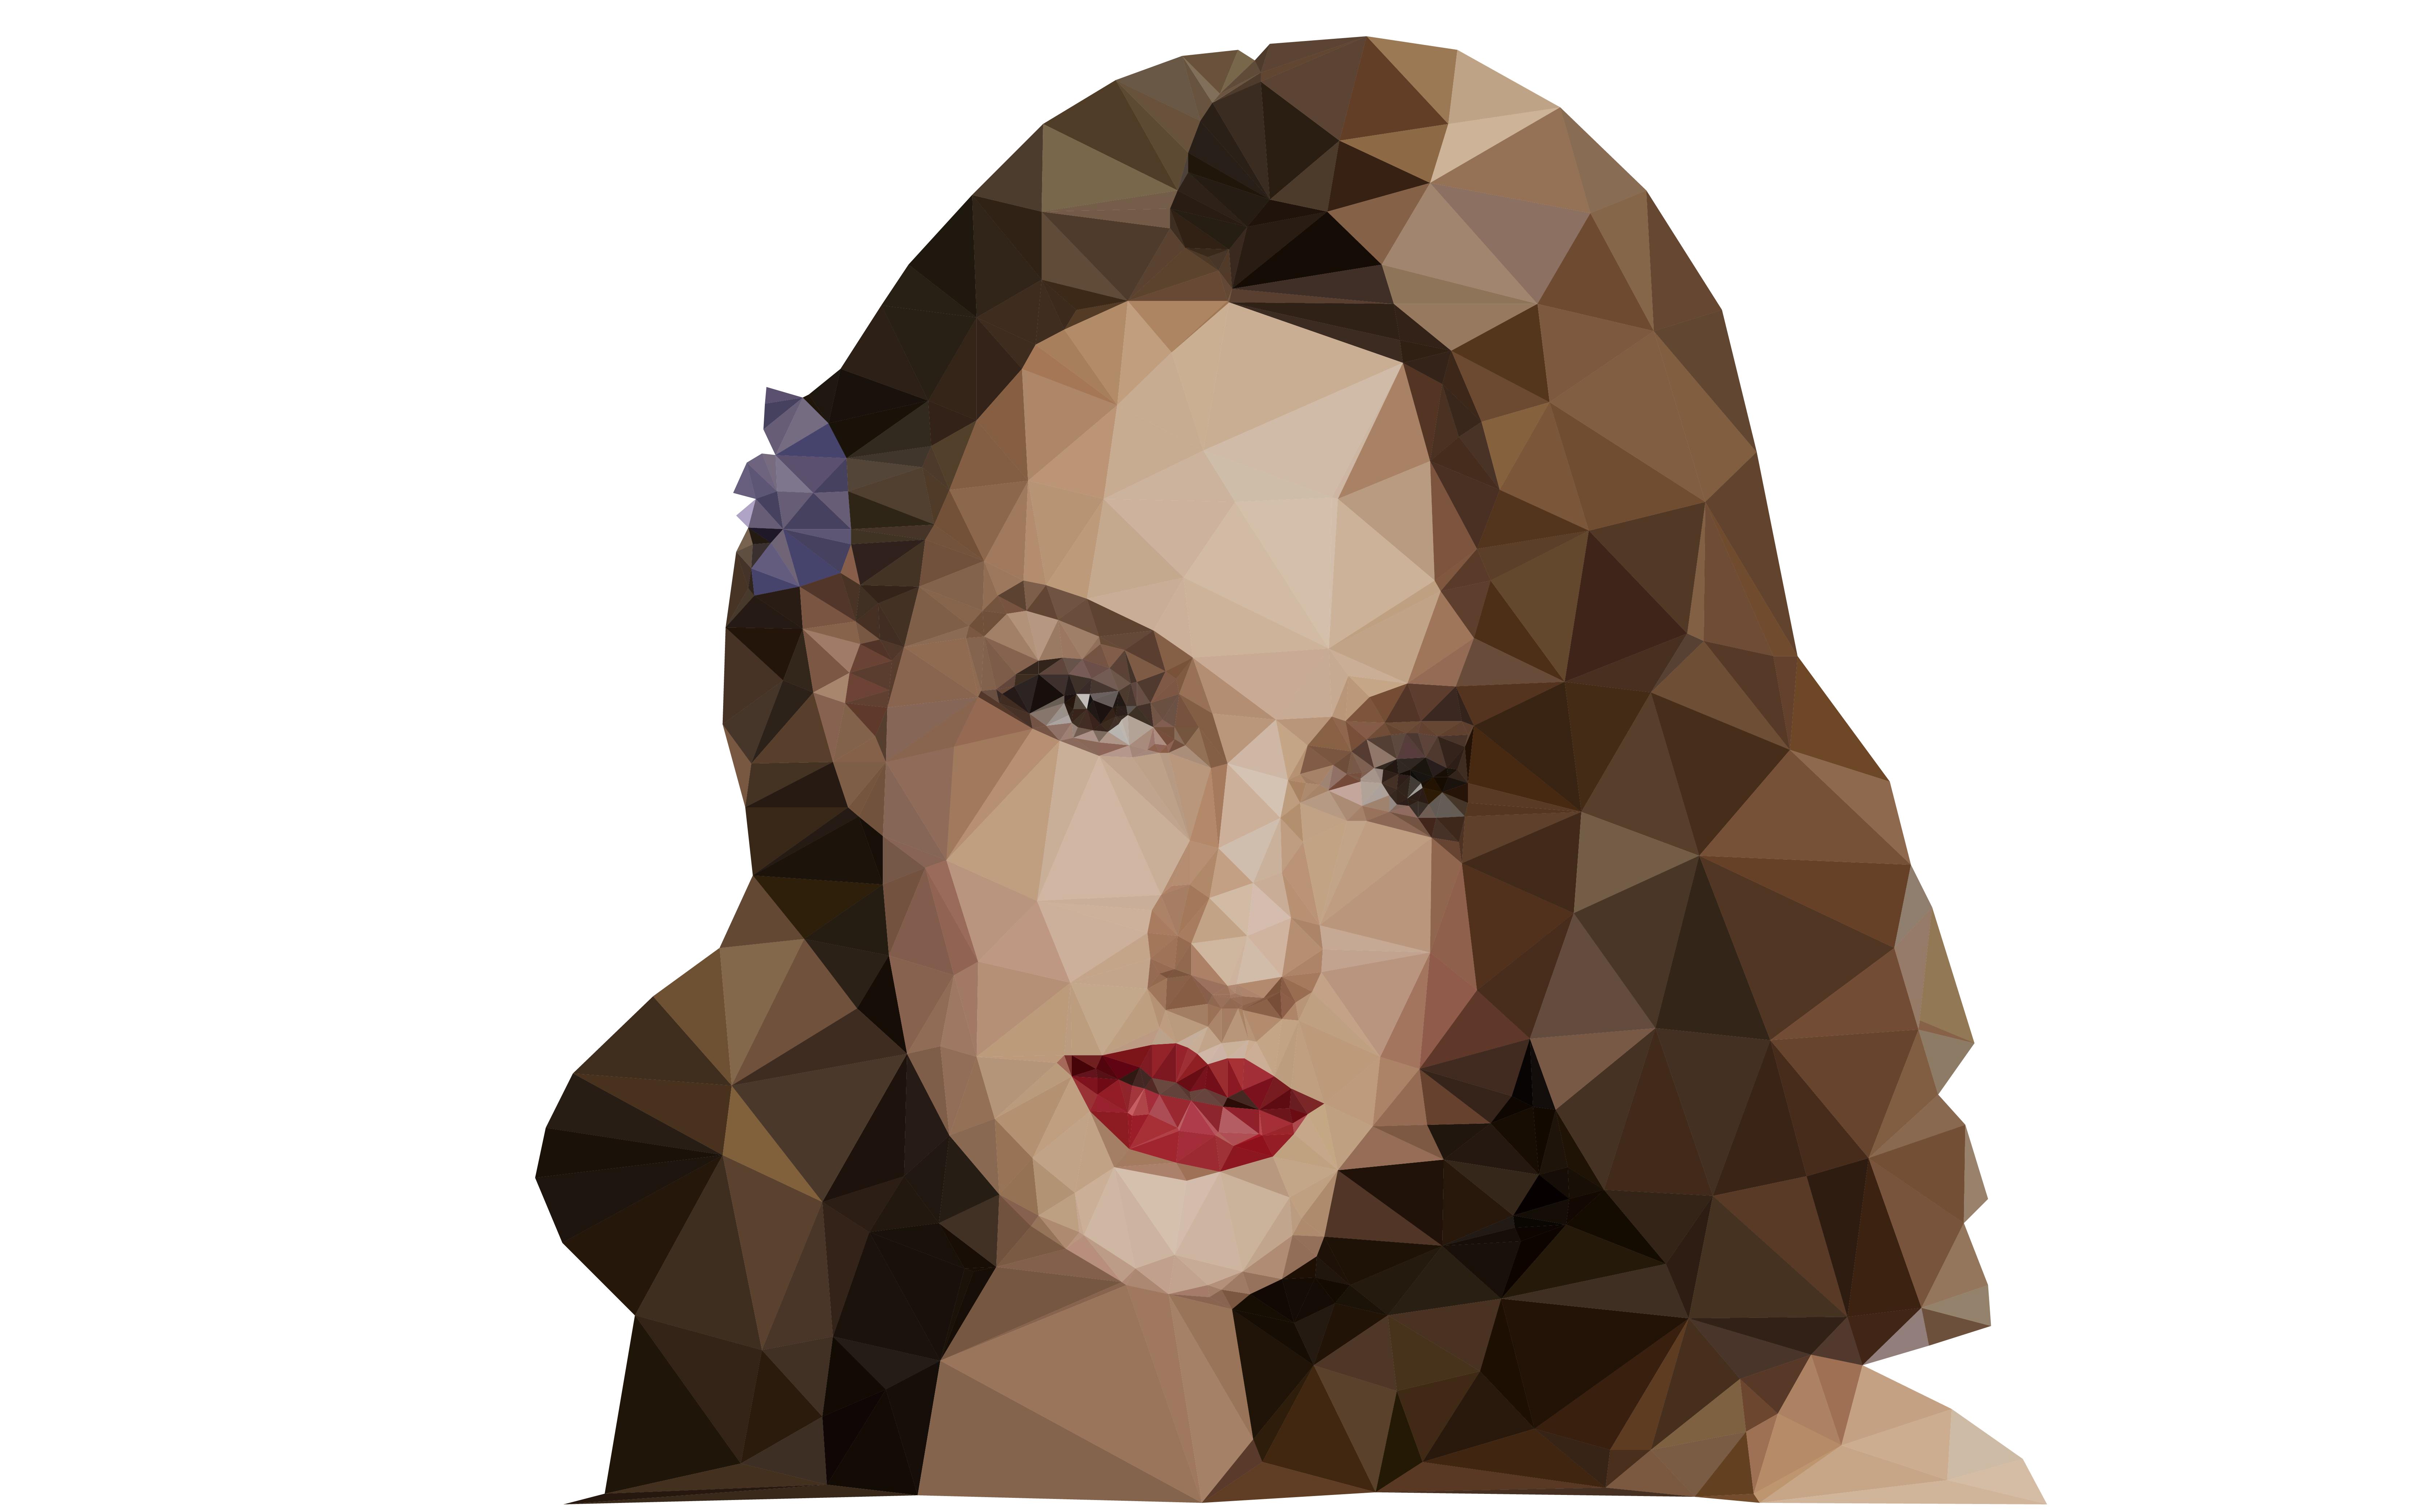 抽象趣味扁平化低面化设计美女头像